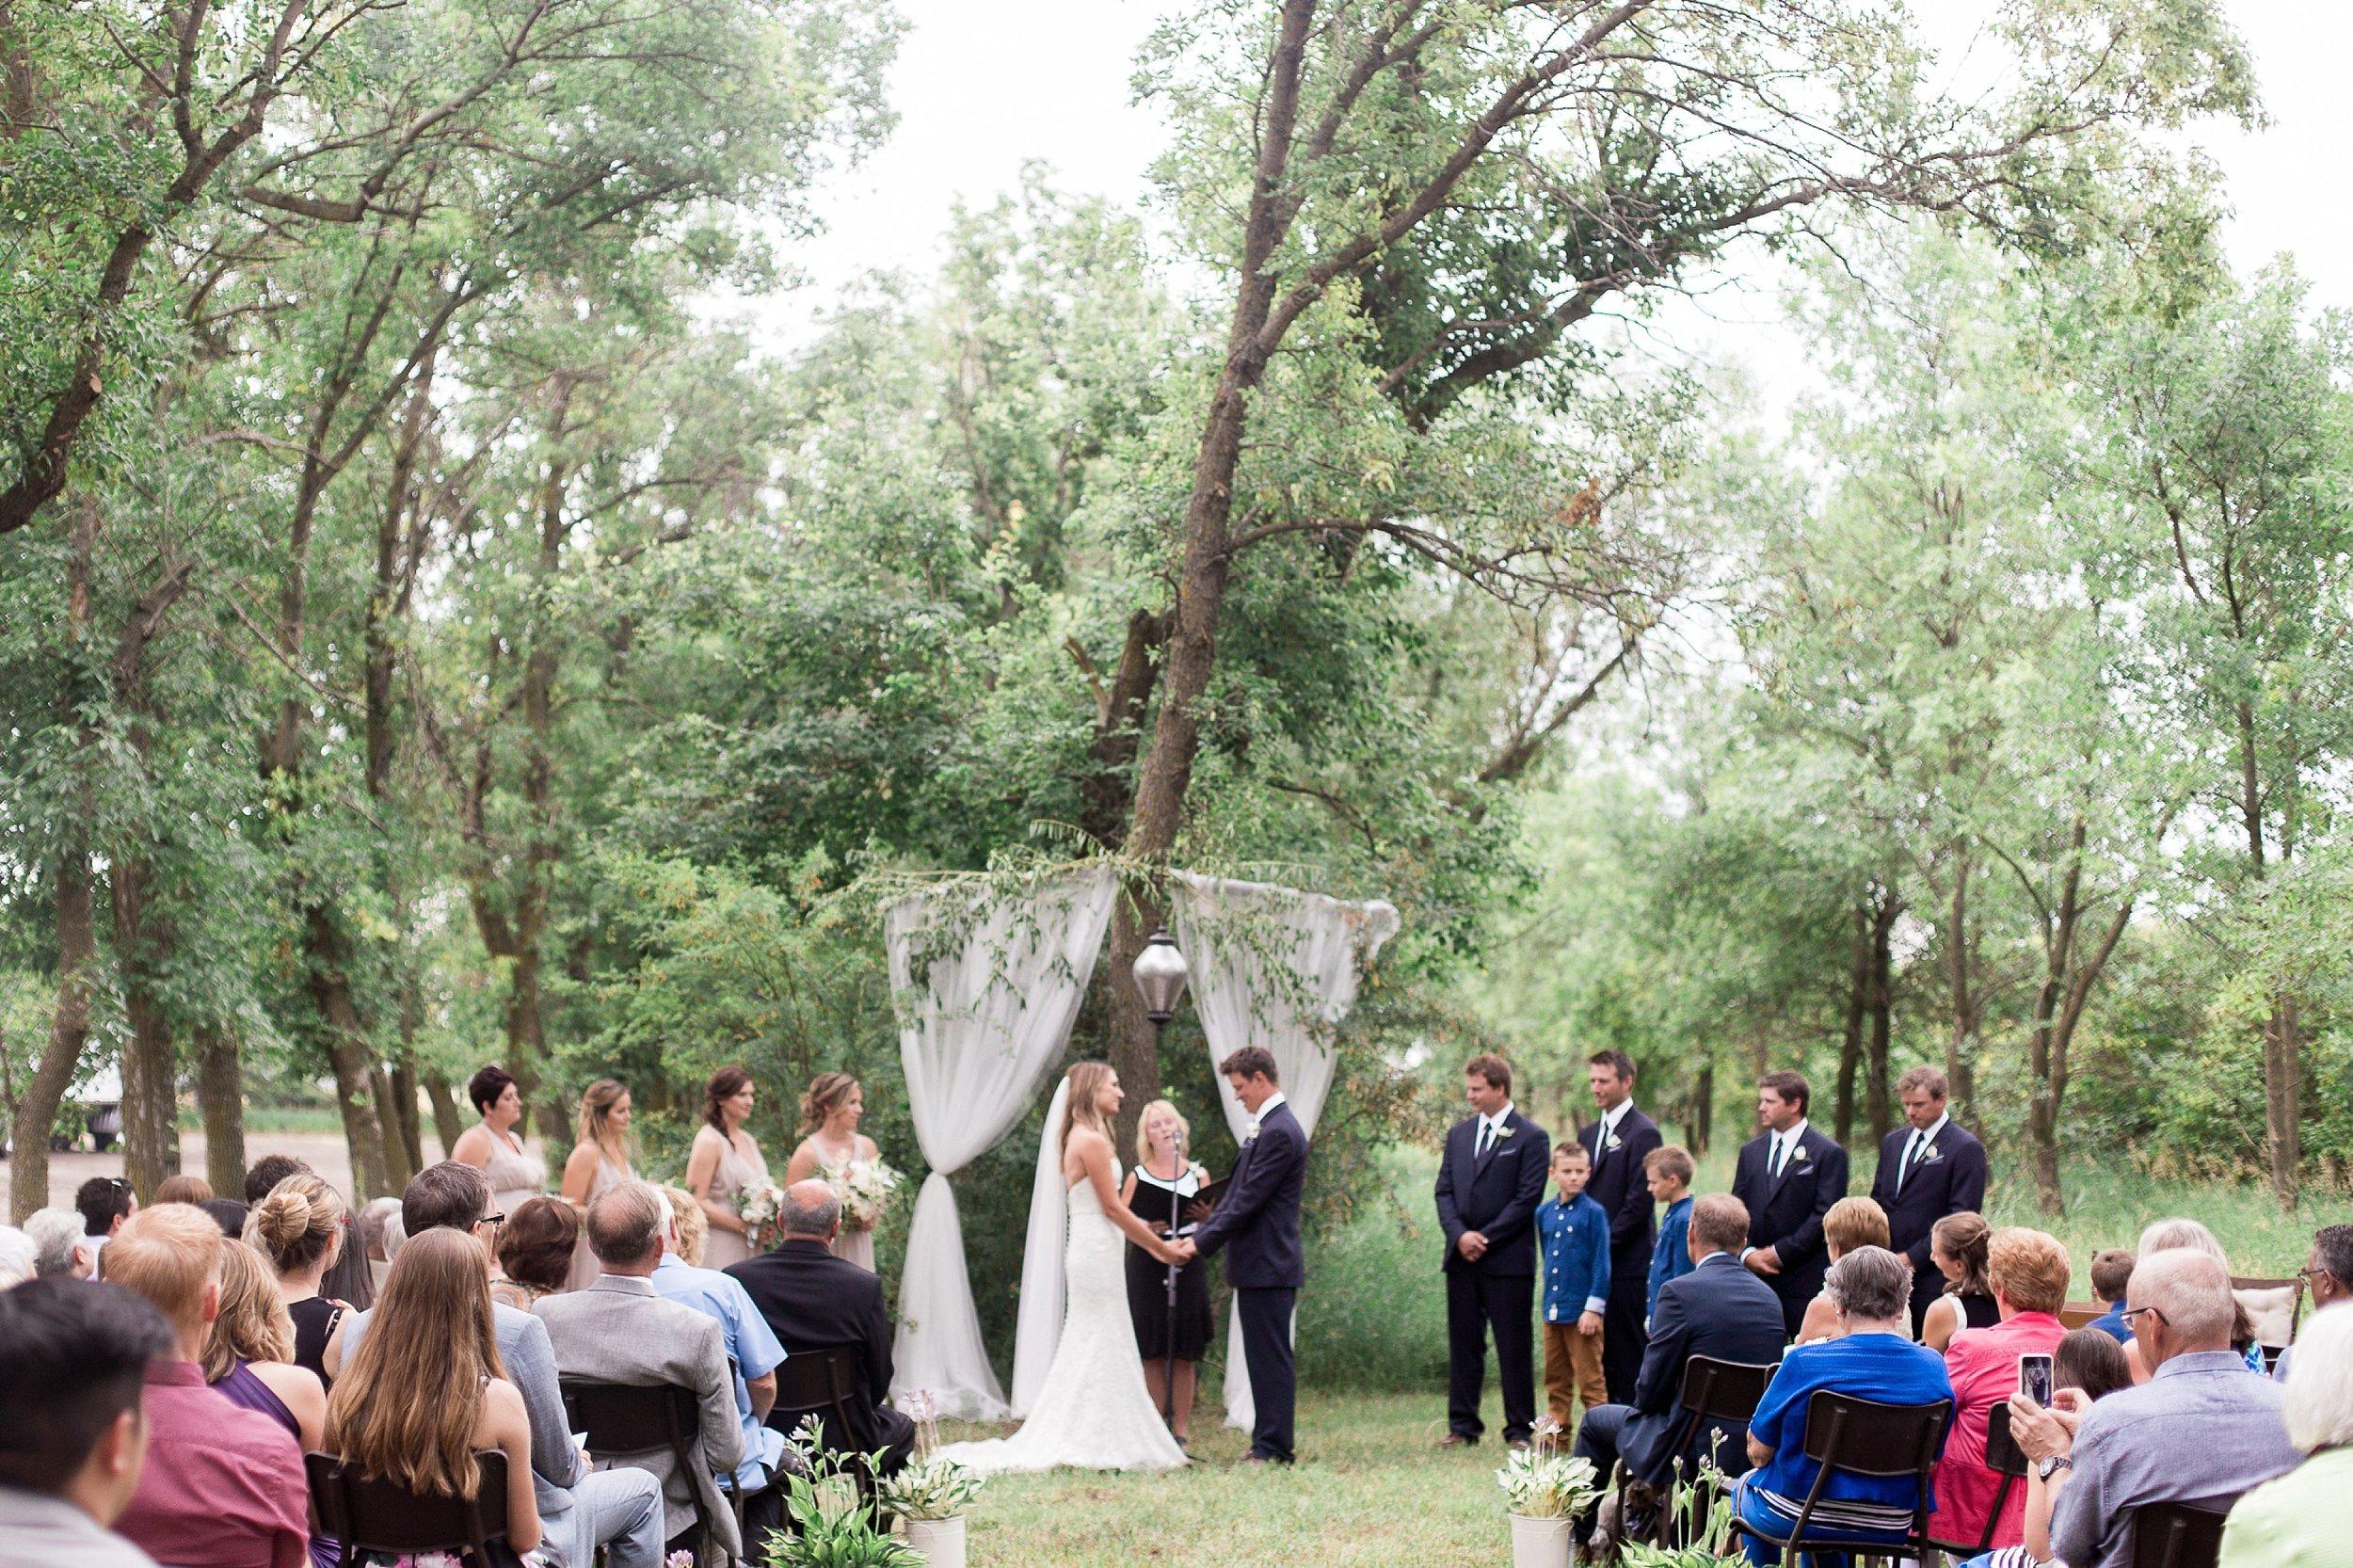 Vancouver wedding photographer   Keila Marie Photography   Garden inspired wedding   Intimate backyard wedding